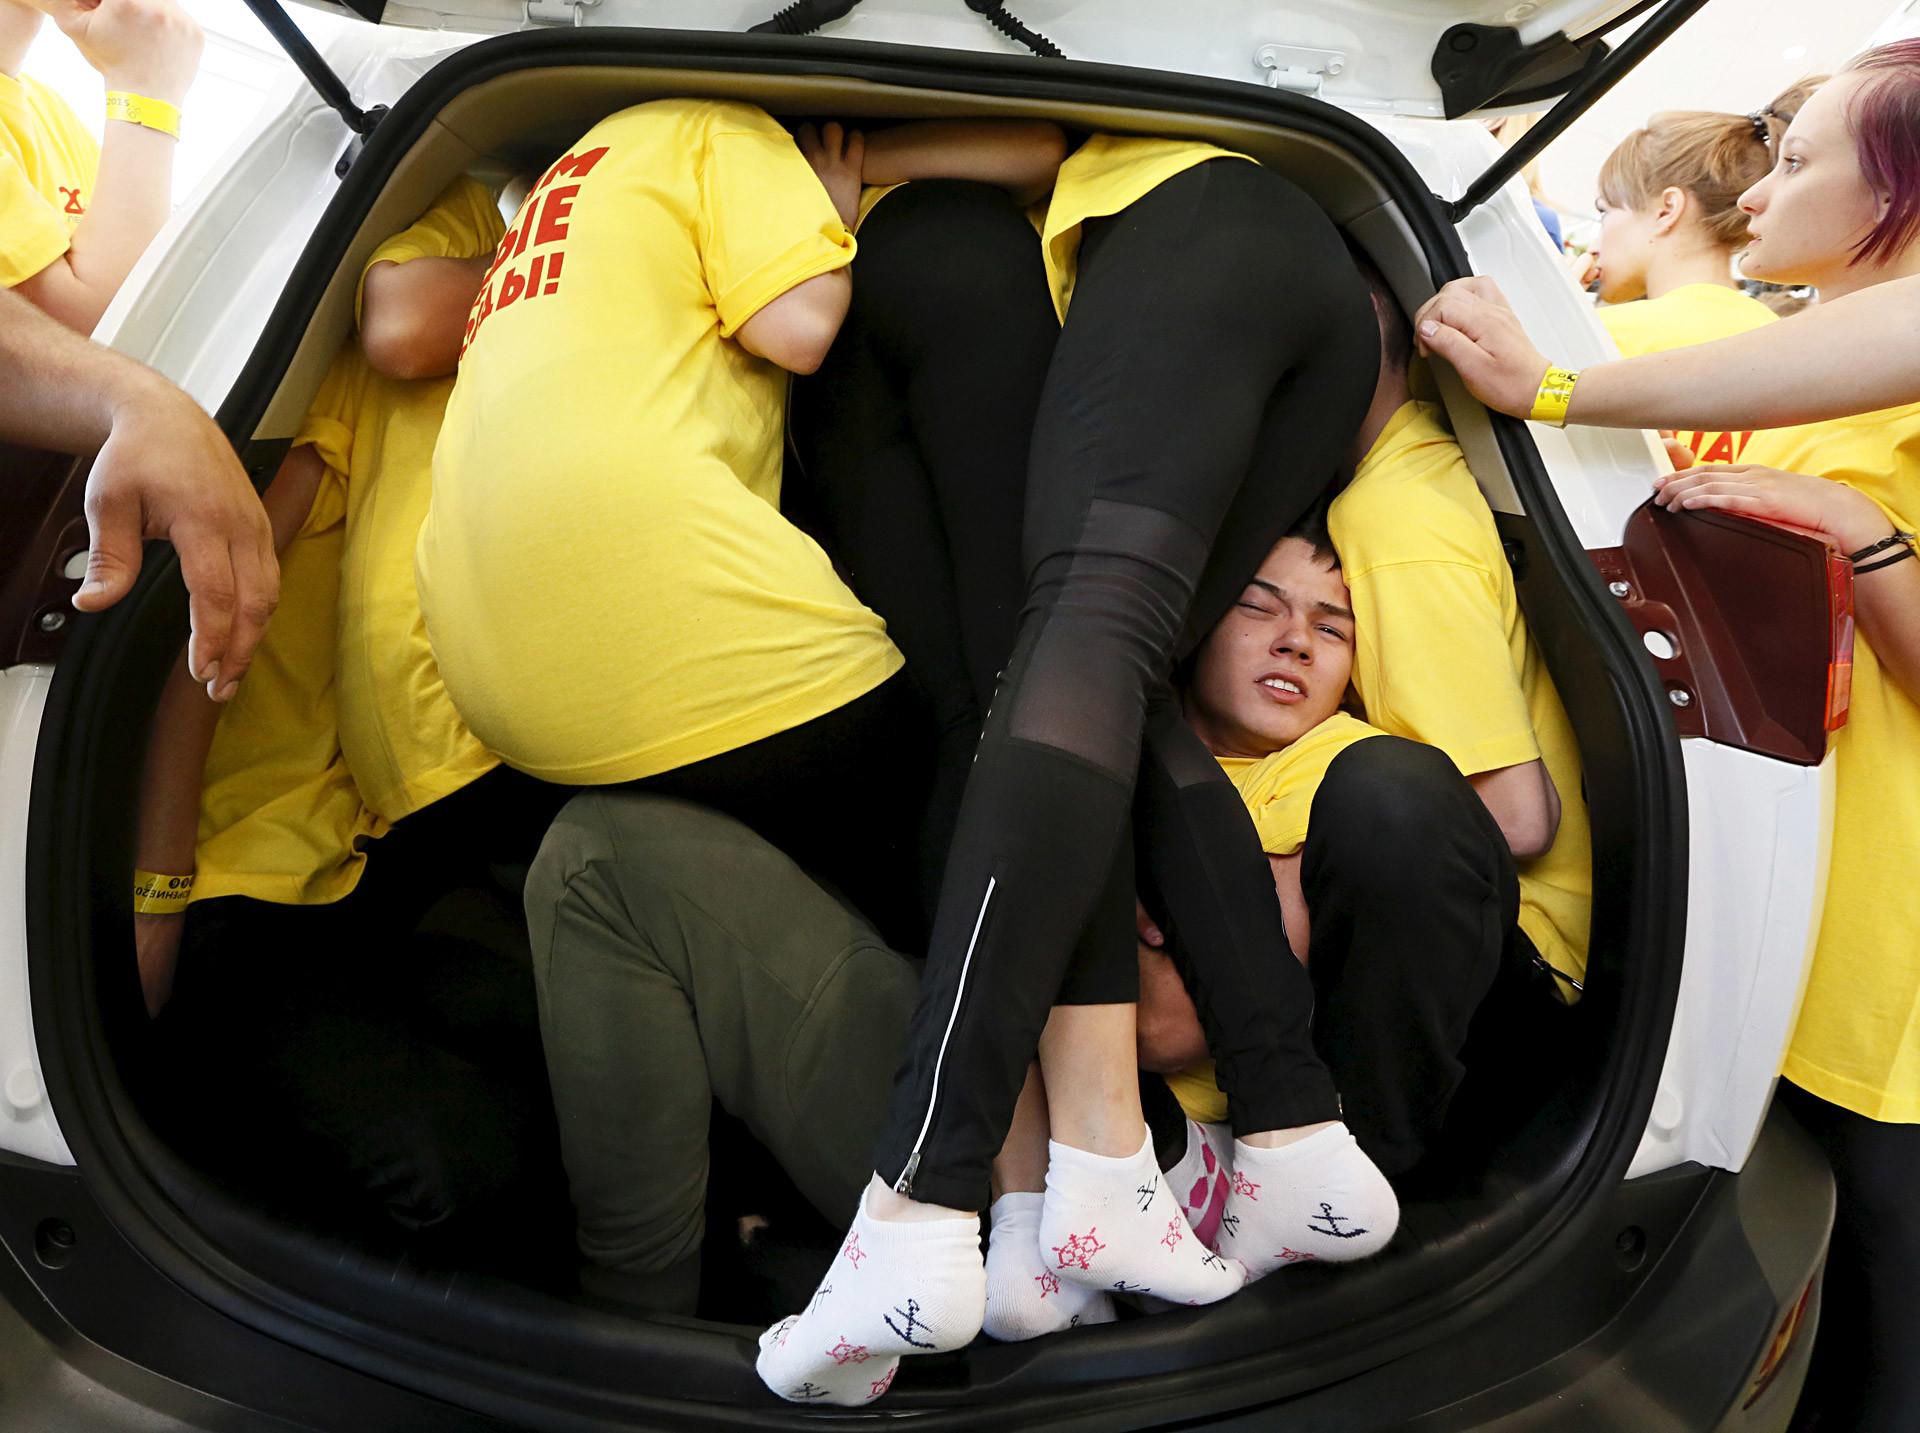 Студенти из сибирског федералног универзитета улазе у аутомобил на локалном такмичењу и покушавају да поставе рекорд за Гинисову књигу по броју људи који су се сместили у аутомобил. Три најбоље екипе из Краснојарска су учествовале у финалном такмичењу и обориле су званични рекорд од 40 људи.